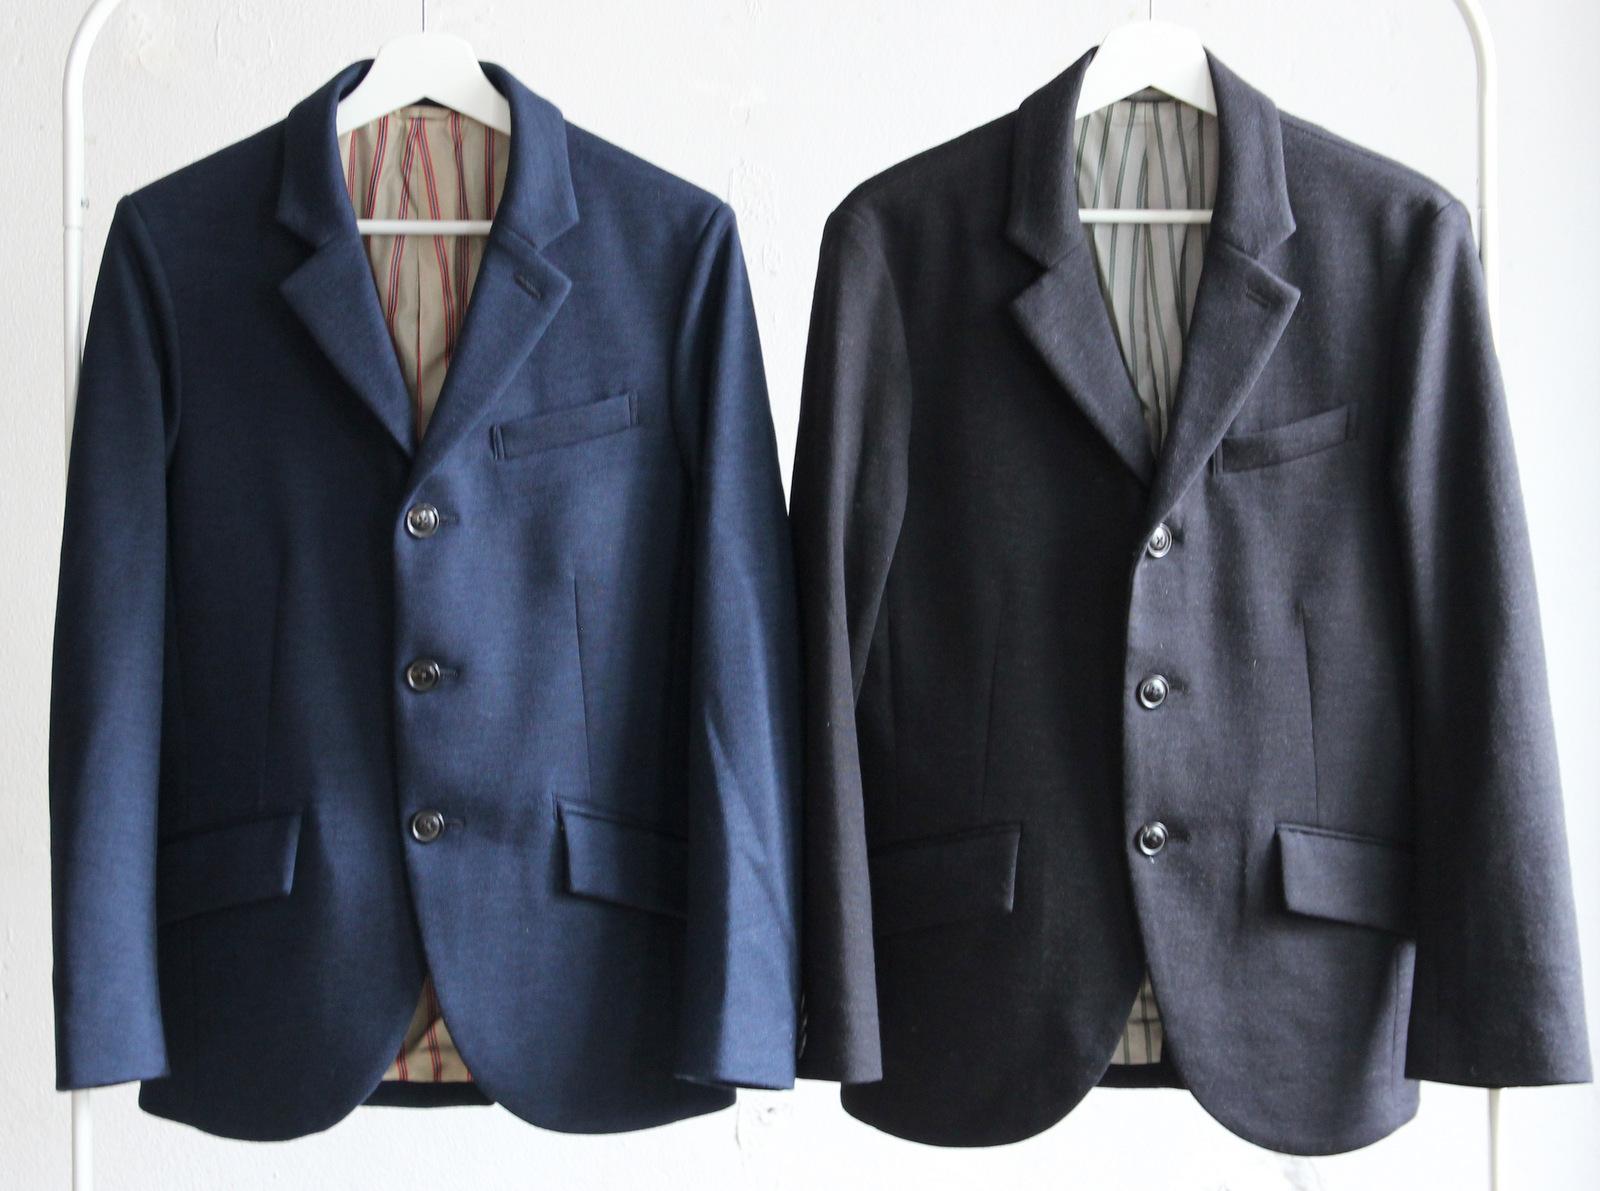 Dress Wool Knit 3B Jacket_c0379477_20192156.jpg